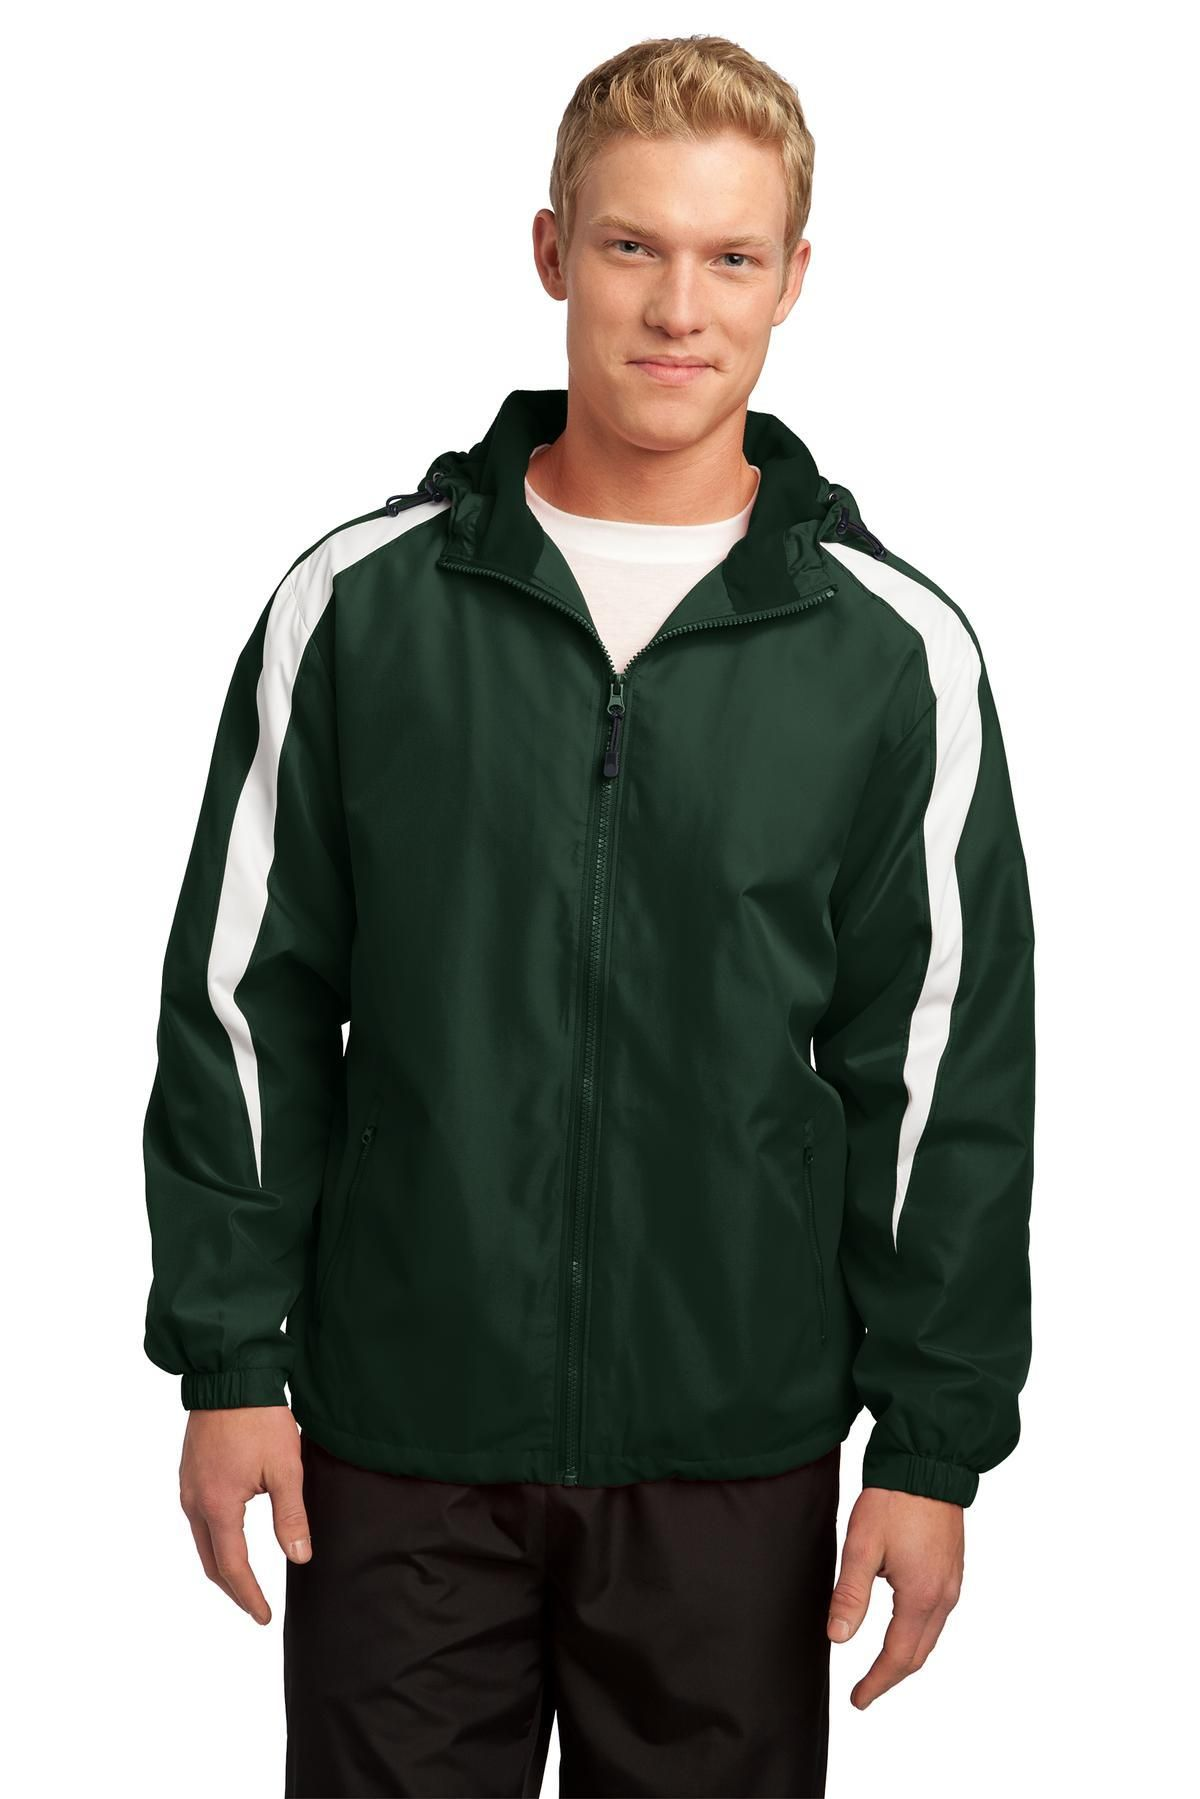 SportTek FleeceLined Colorblock Jacket JST81 Forest